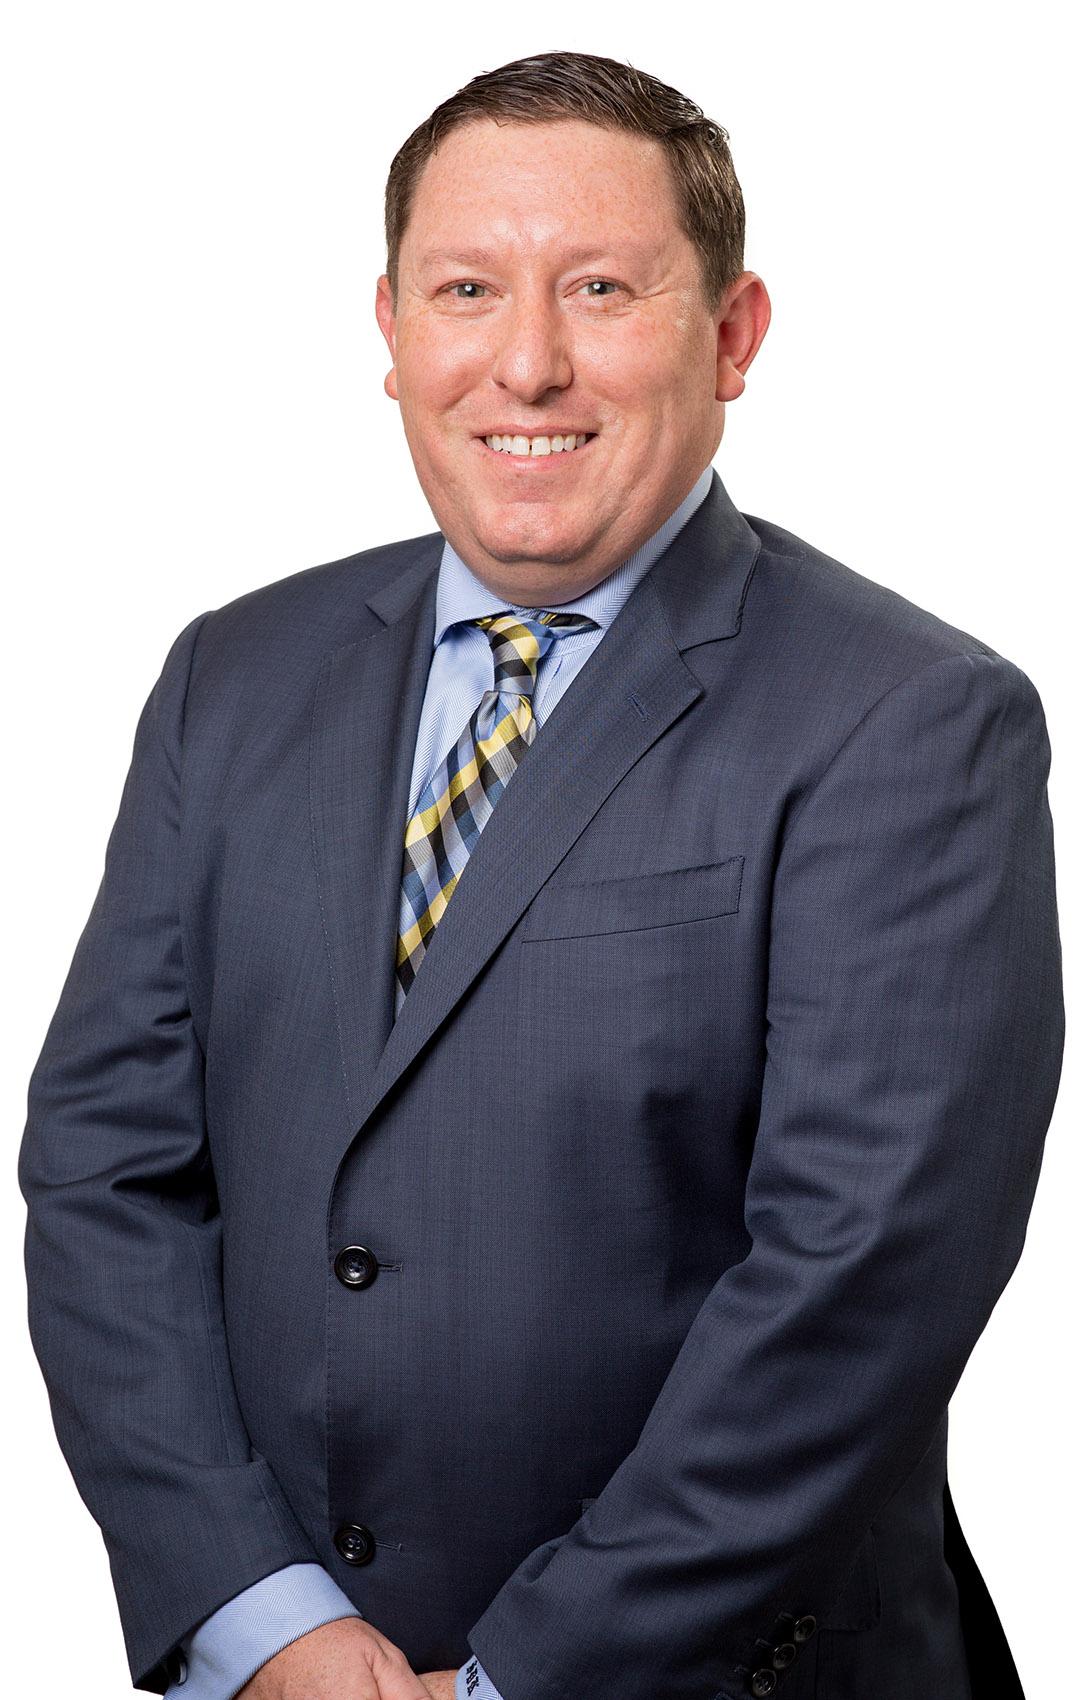 Scott D. Knapp